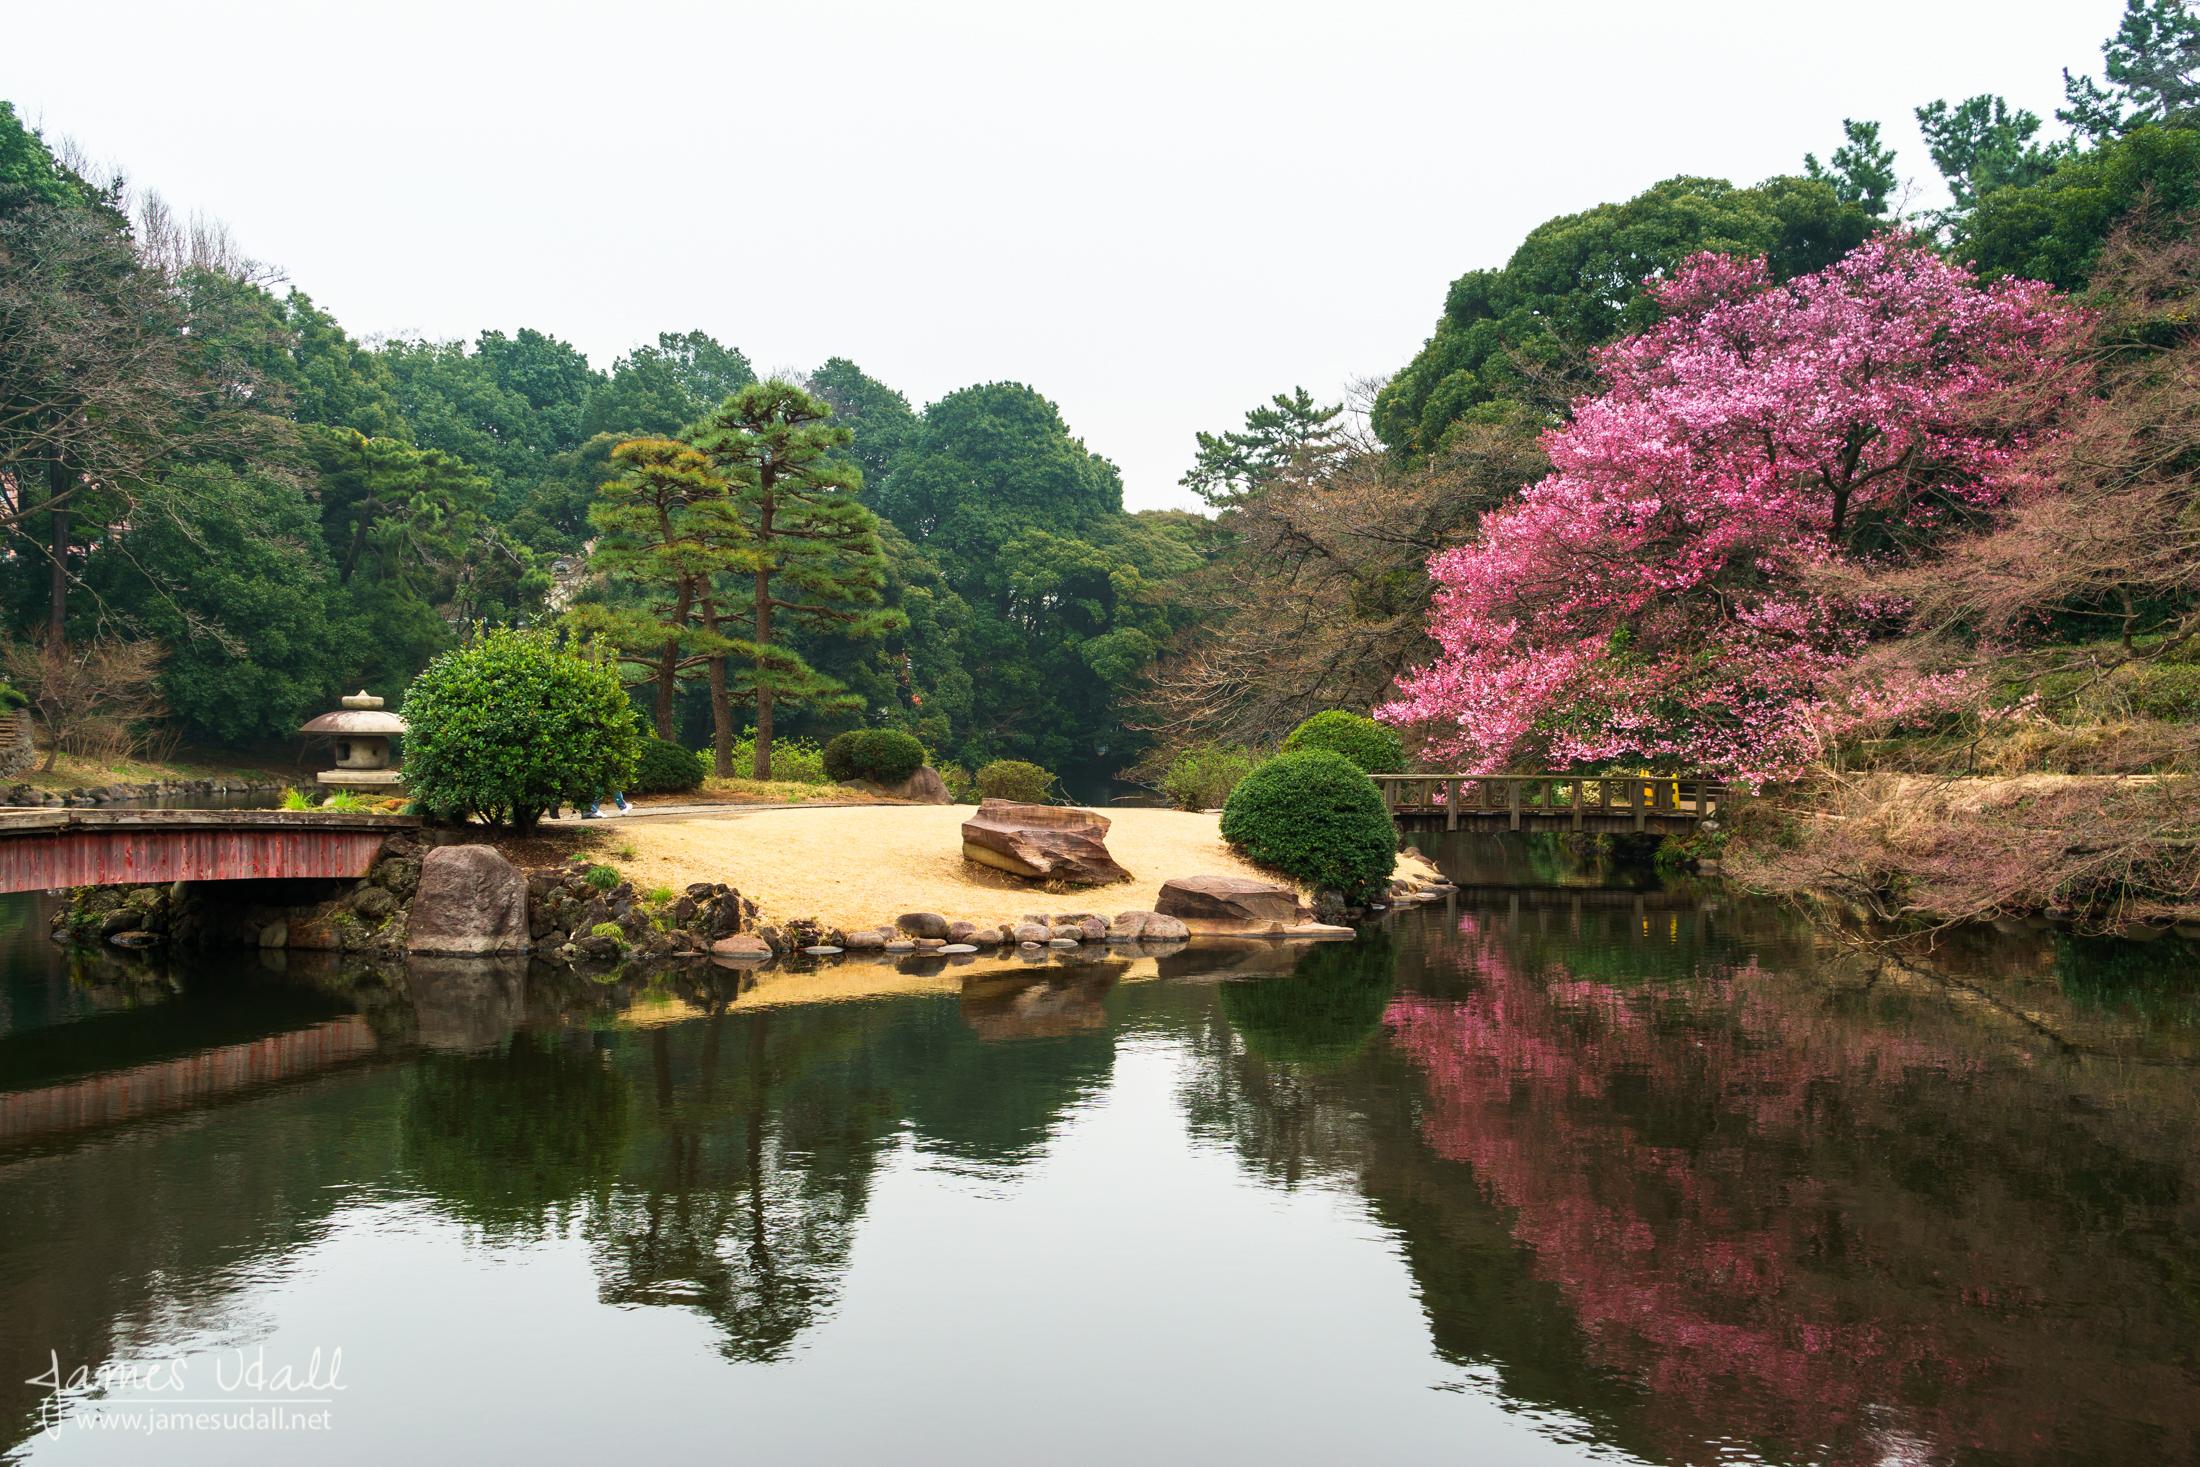 Sakura_Pond